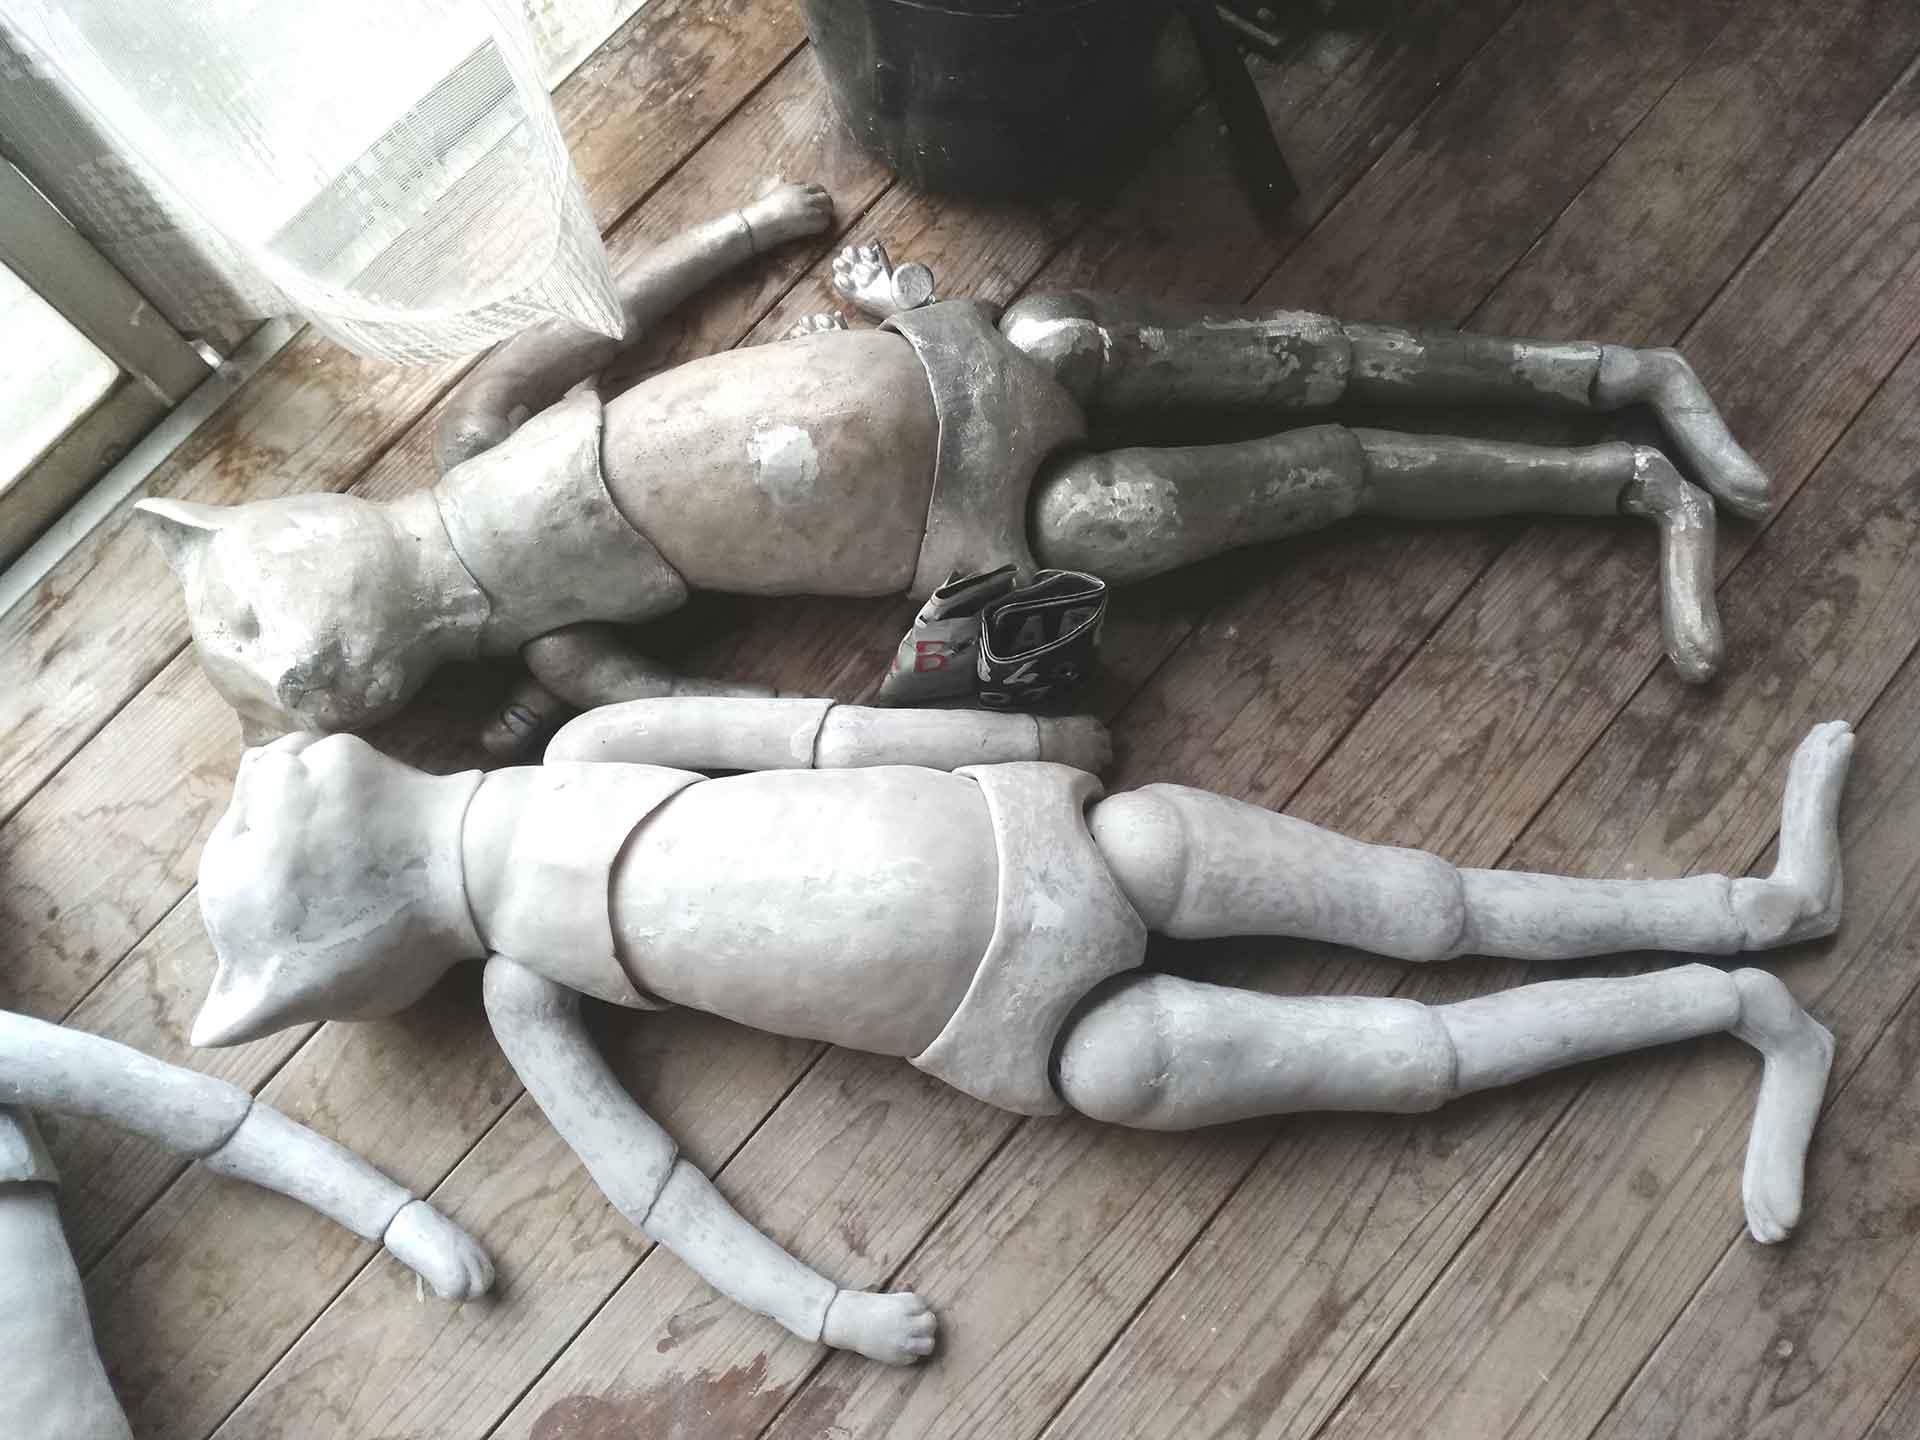 梶浦聖子 メイキング展「きのうおばあちゃんも生まれたって」